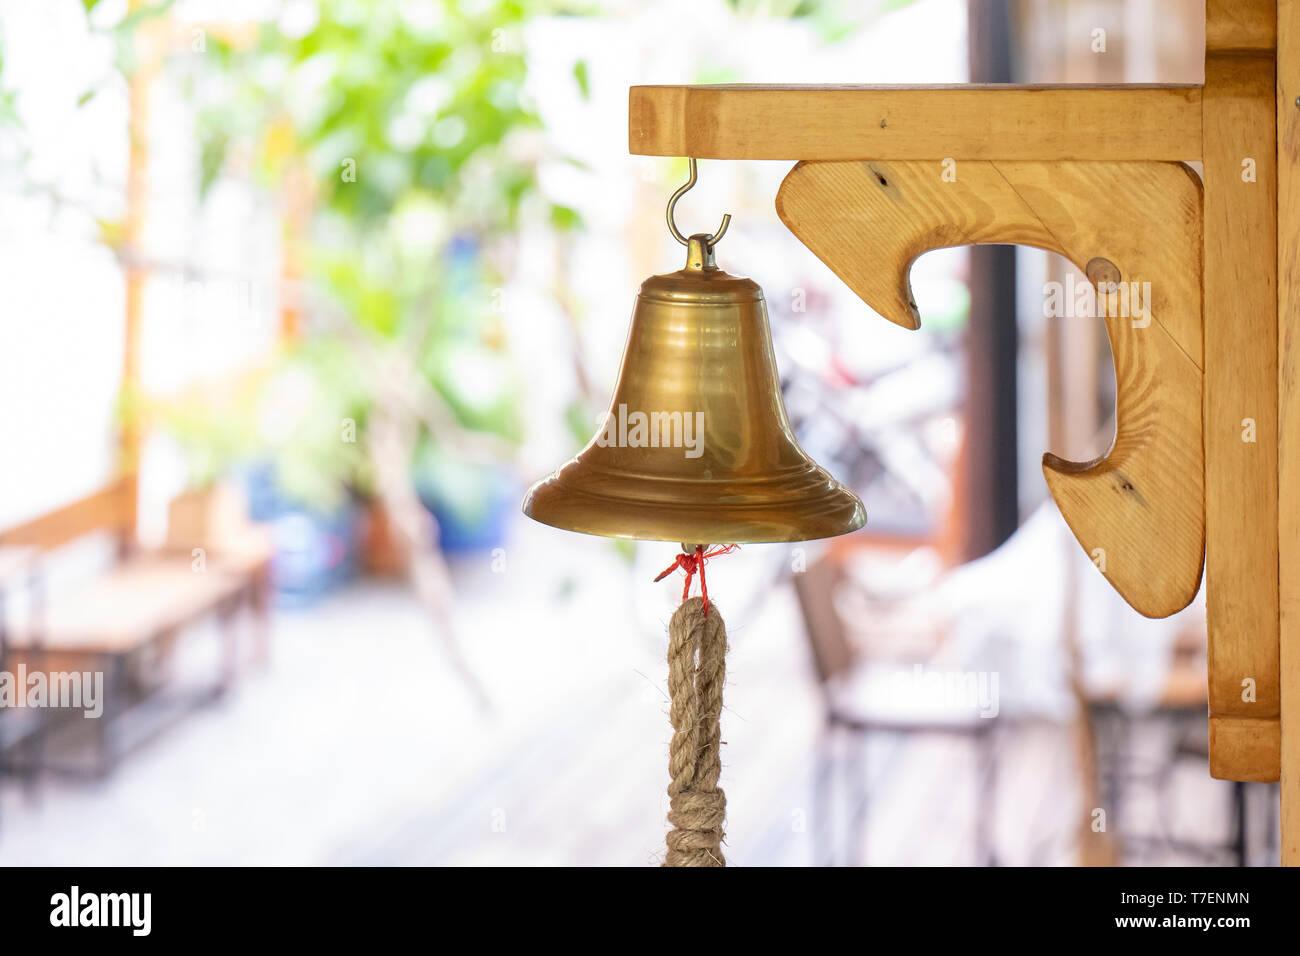 mano campana latón campana Mesa campana capitán campana con mango de madera